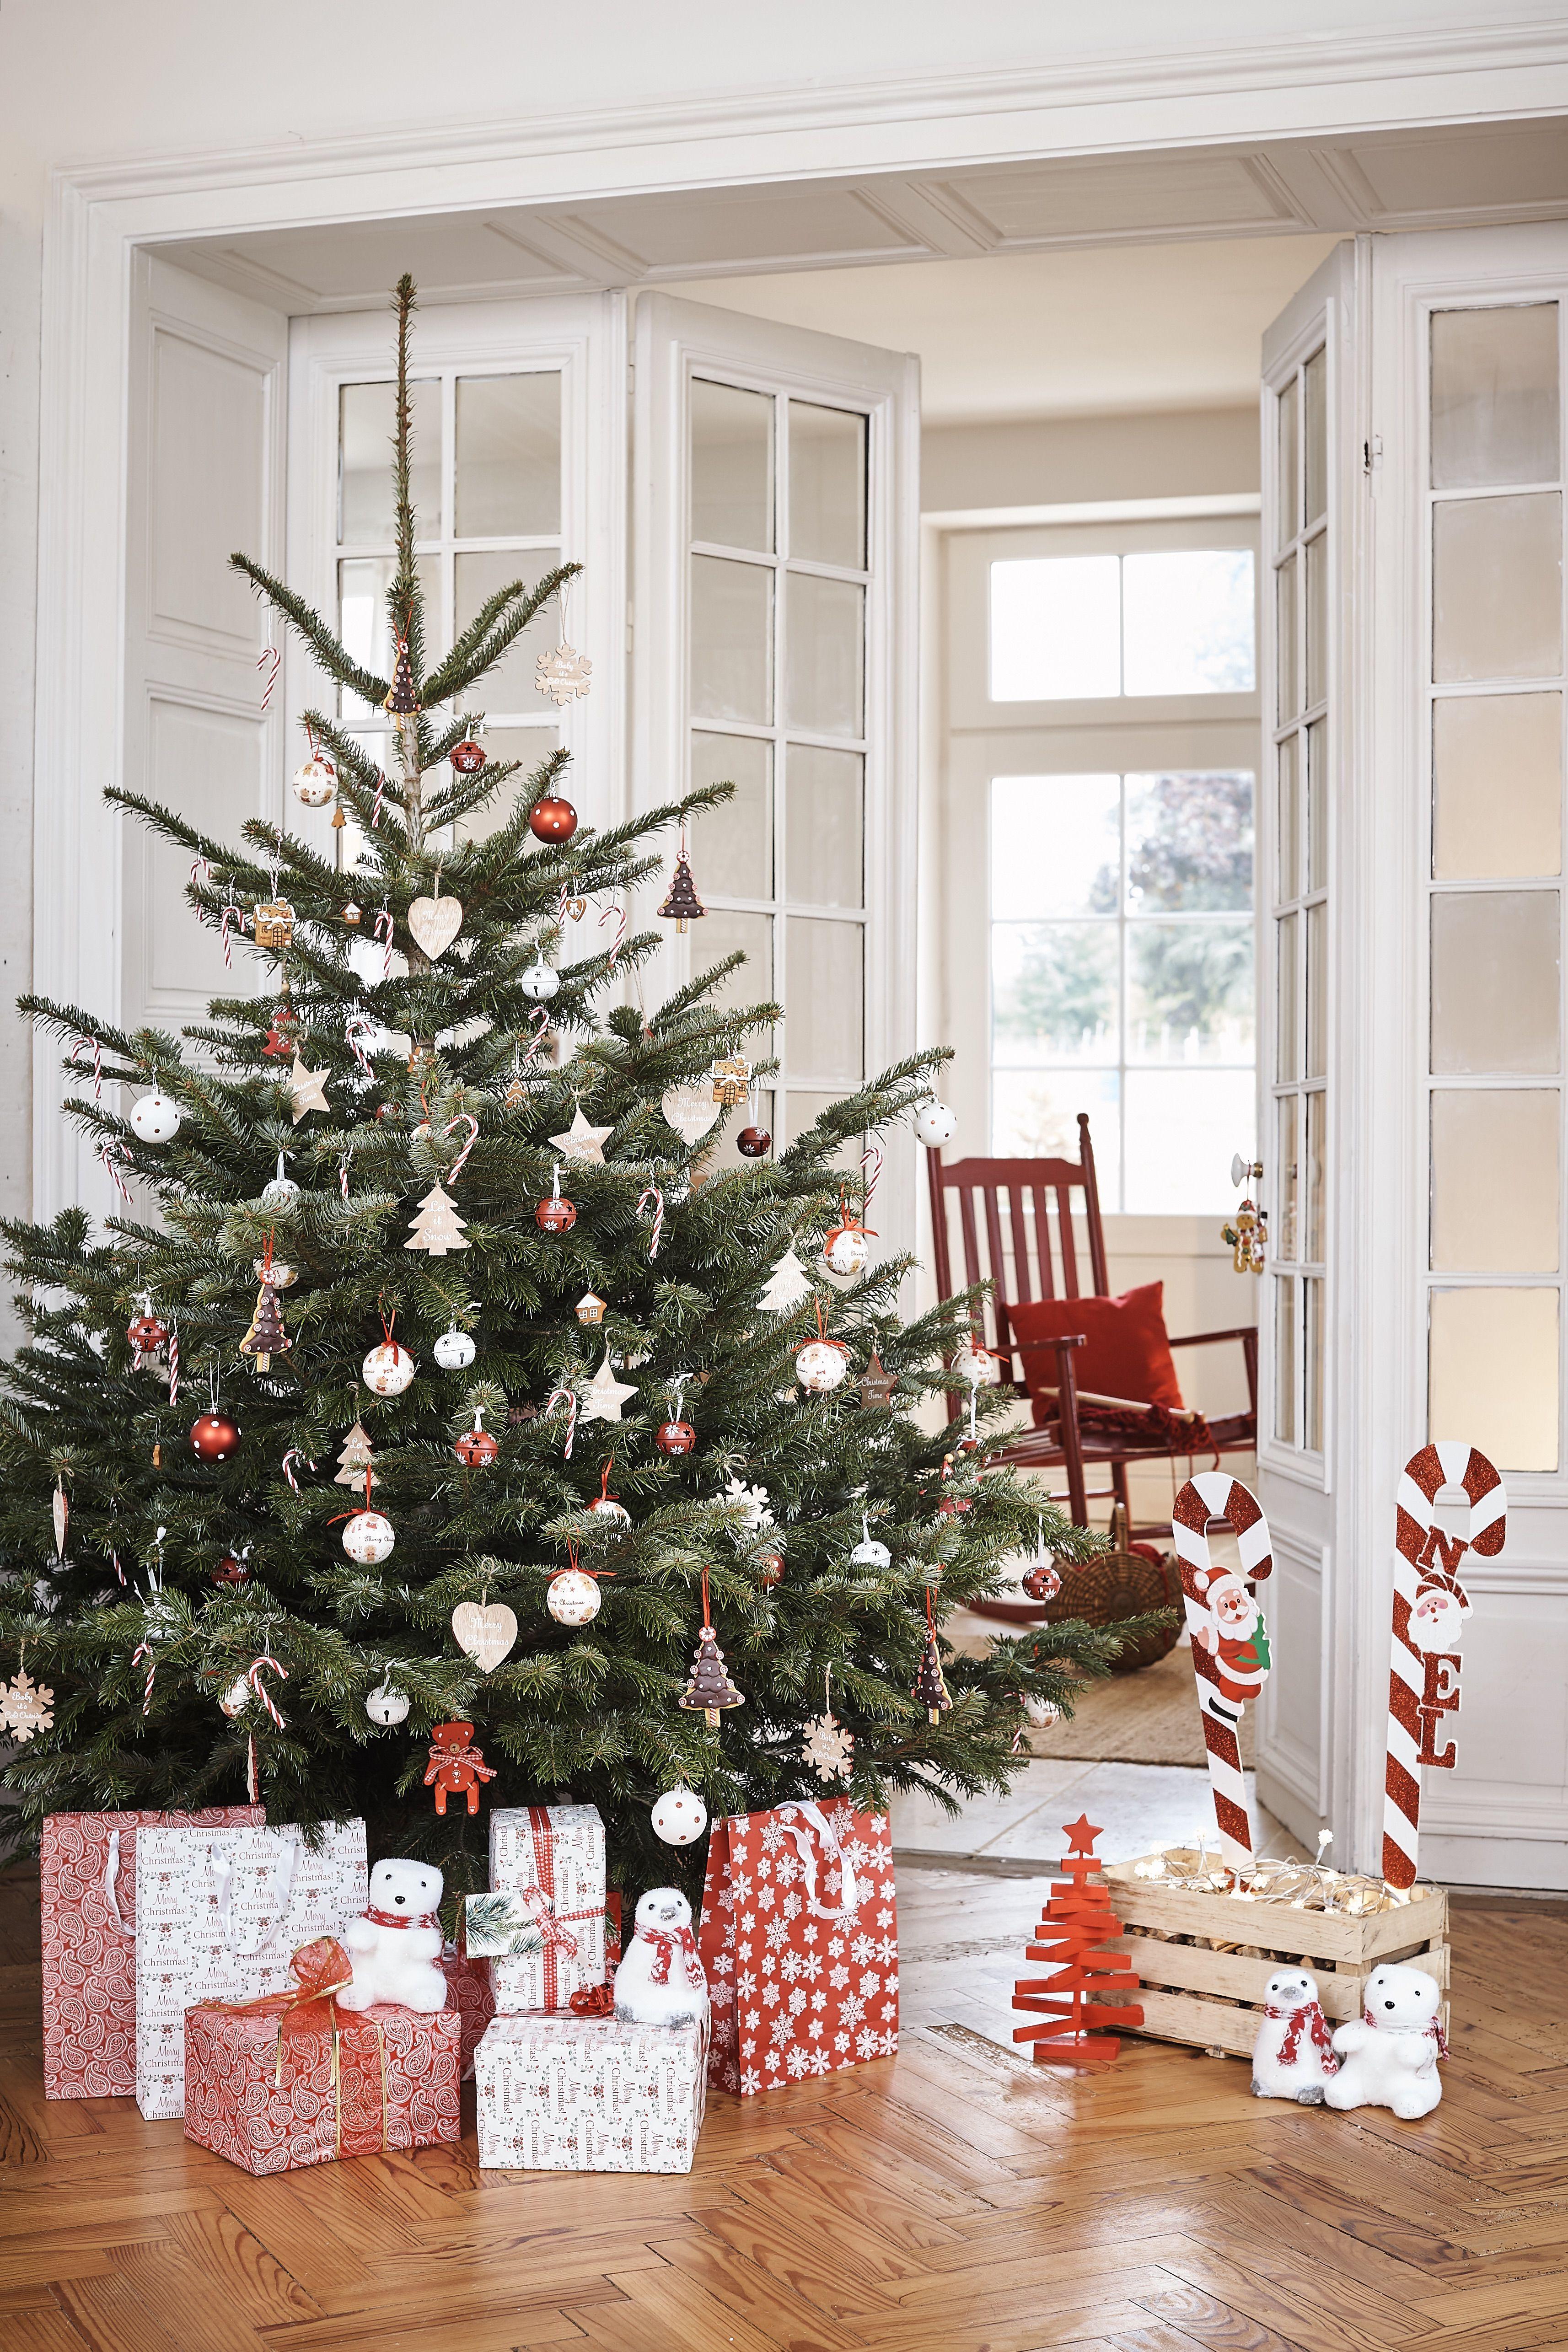 Decoration De Noel Pas Cher Gifi Decoration Noel Deco Noel Sapin Deco Noel Gifi